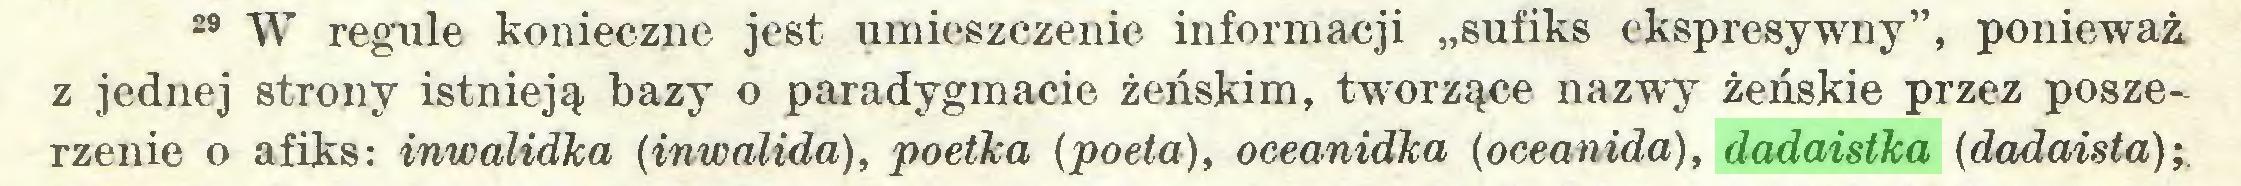 """(...) 29 W regule konieczne jest umieszczenie informacji """"sufiks ekspresywny"""", ponieważ z jednej strony istnieją bazy o paradygmacie żeńskim, tworzące nazwy żeńskie przez poszerzenie o afiks: inwalidka (inwalida), poetka (poeta), oceanidka (oceanida), dadaistka (dadaista);..."""